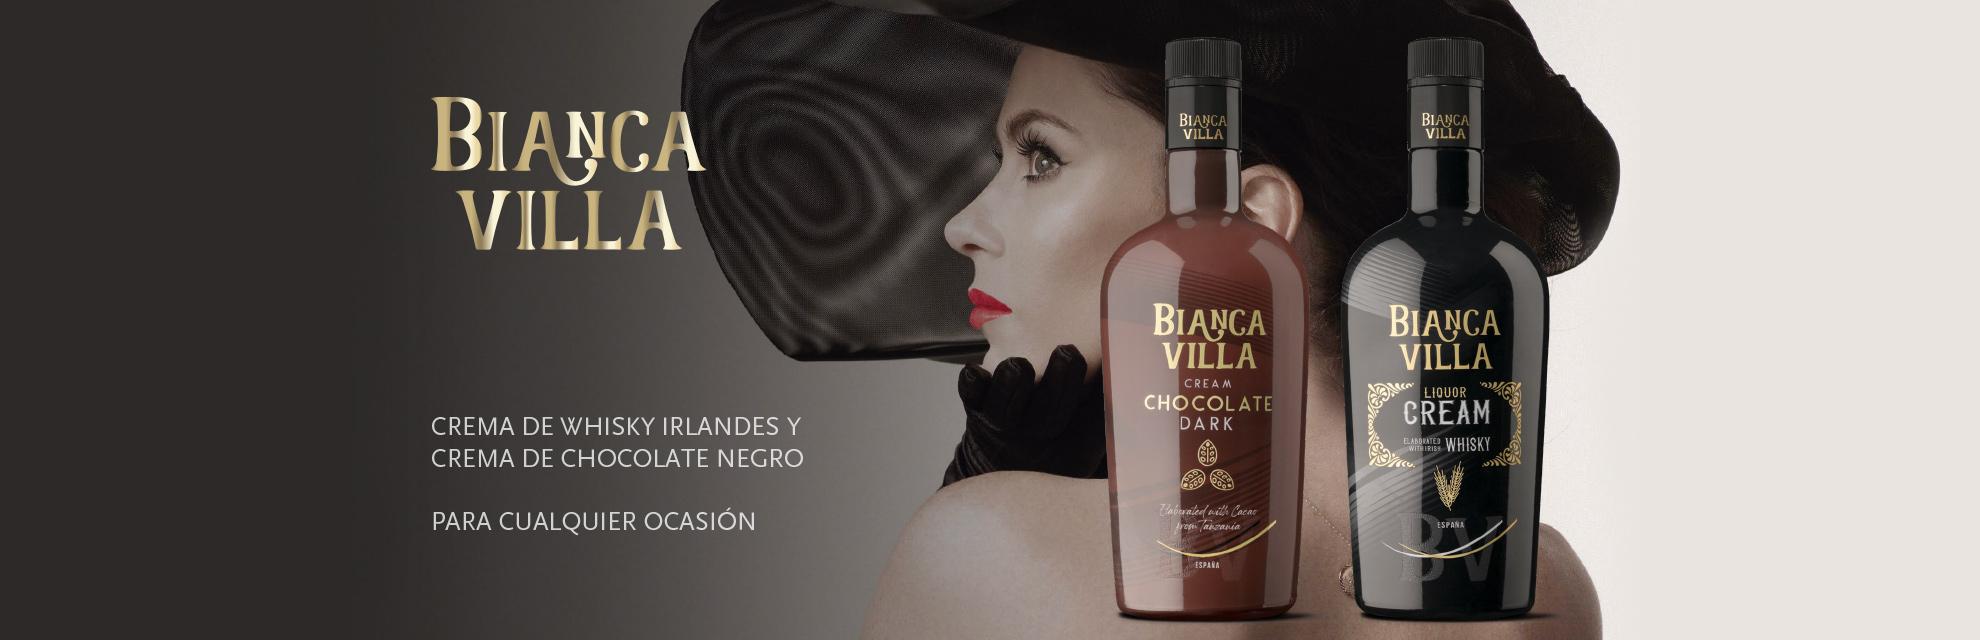 Bianca Villa